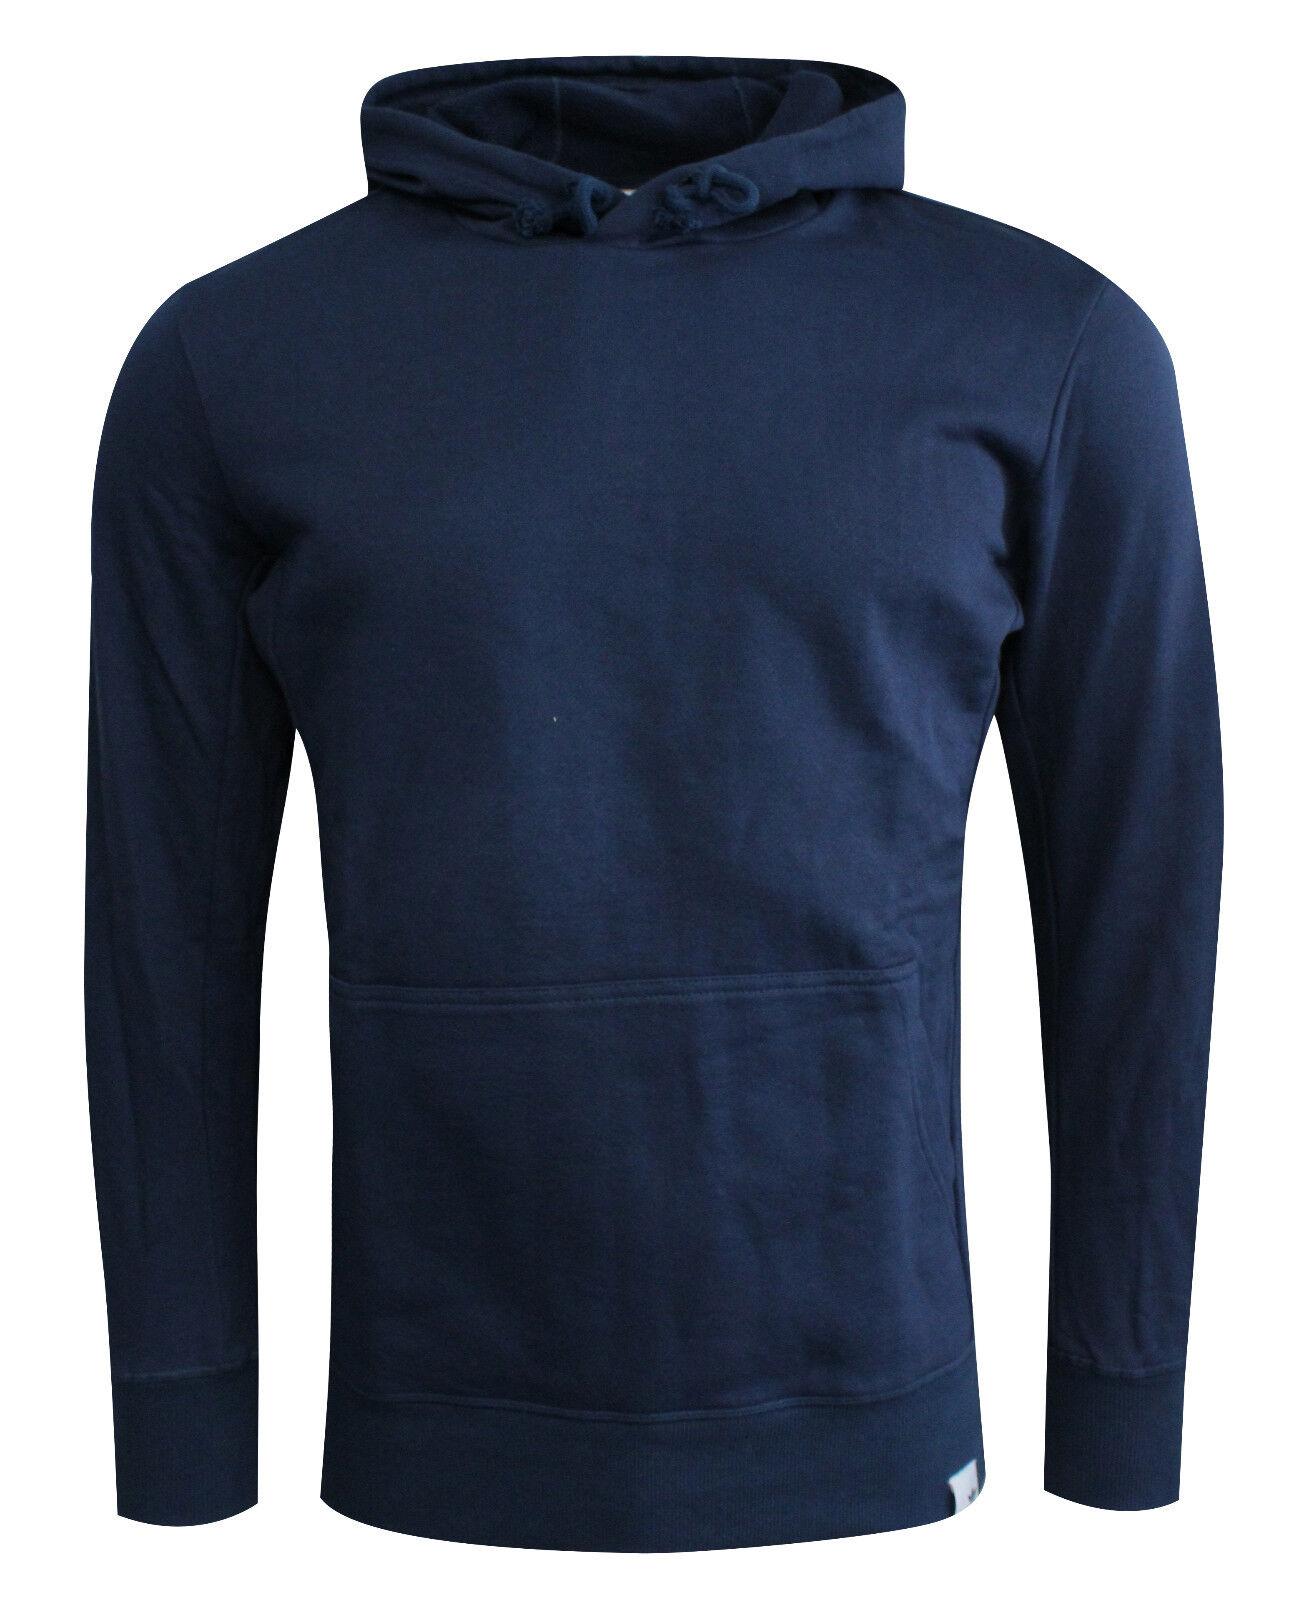 Adidas Originals Xbyo Sudadera  para Hombre Manga Larga Suéter con Capucha Azul  precios al por mayor